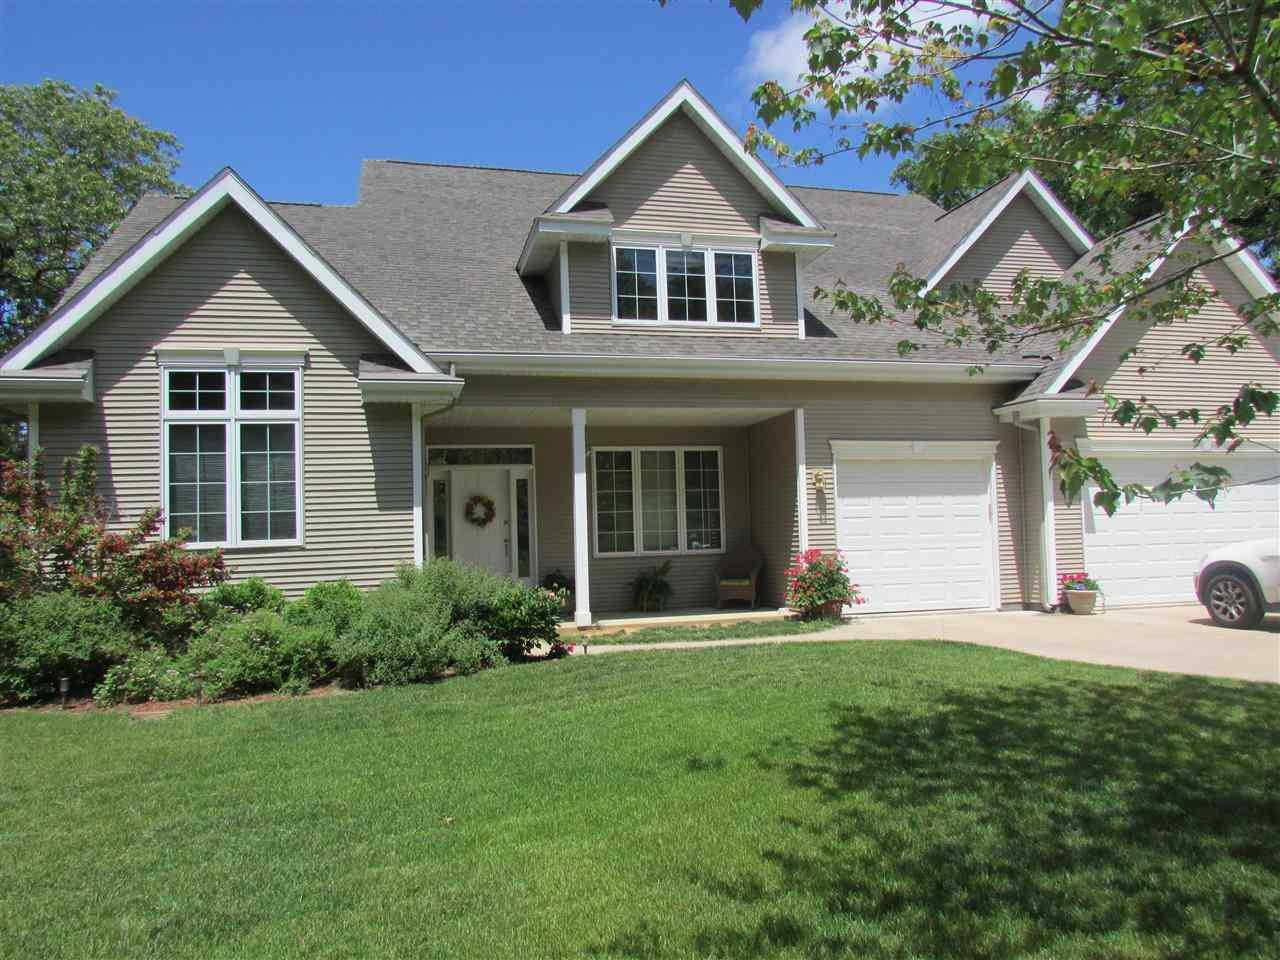 Real Estate for Sale, ListingId: 30888590, Ottumwa,IA52501